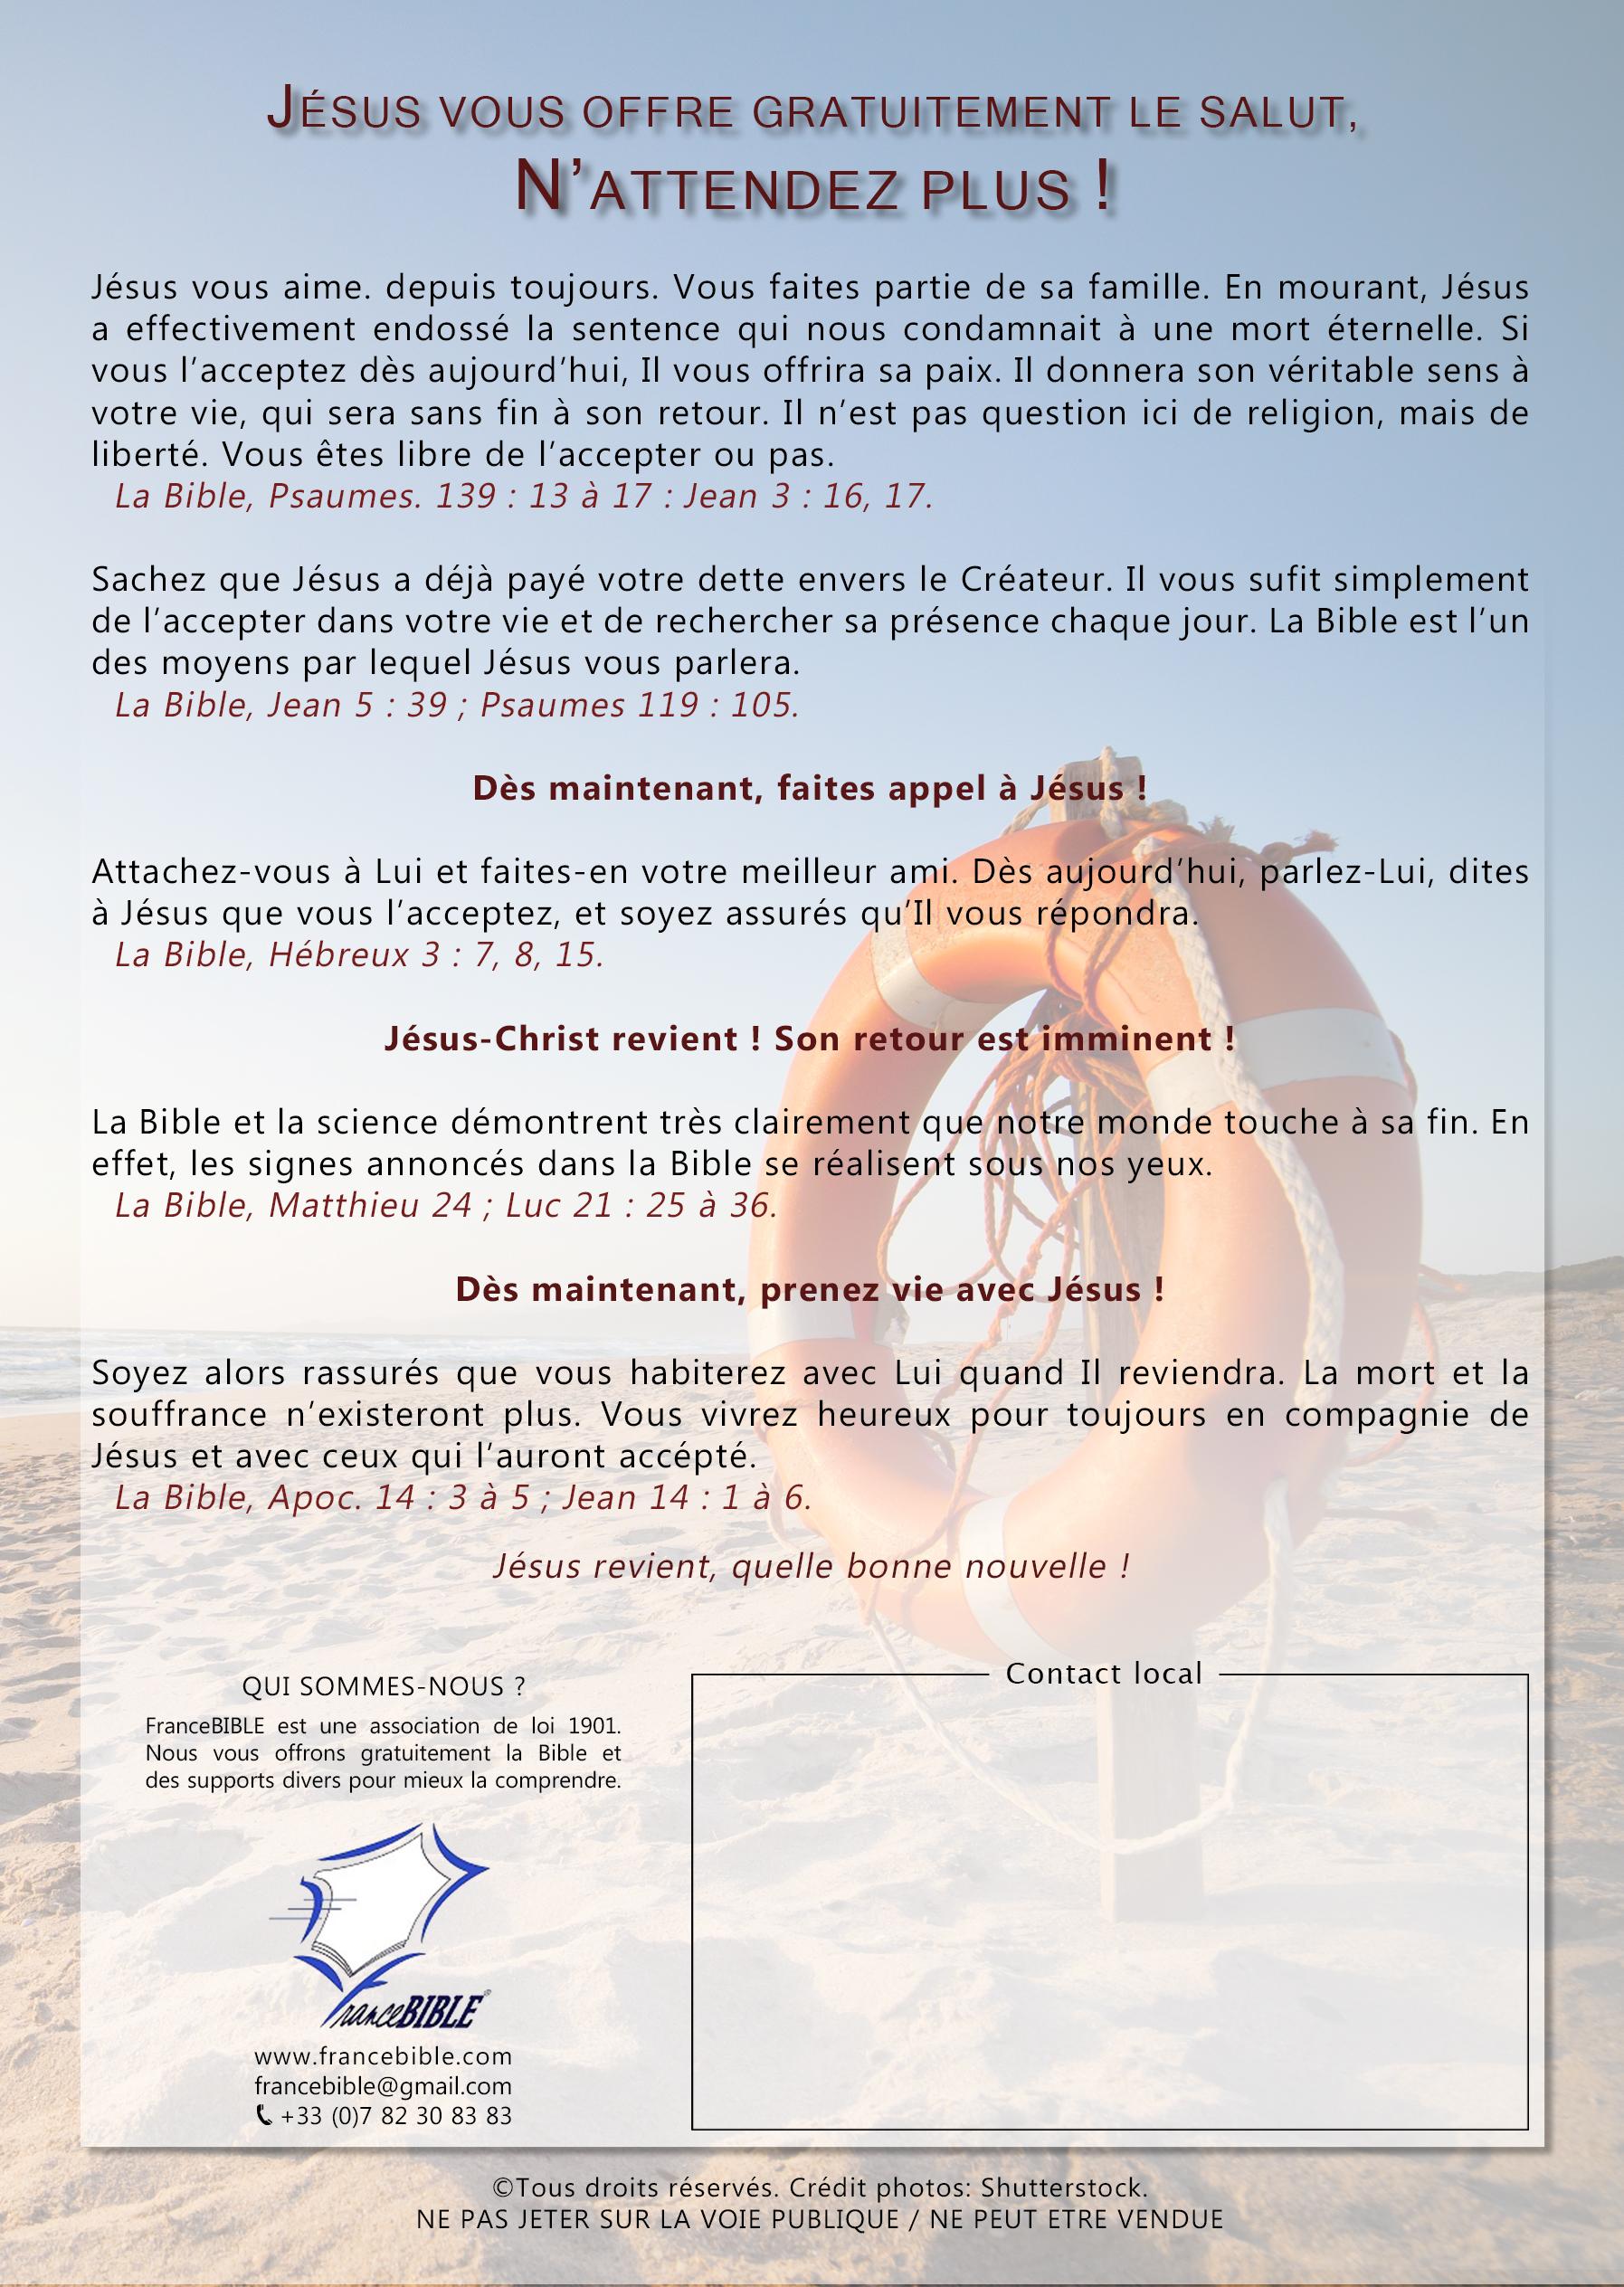 Flyer_-_Bonne_nouvelle_verso_©Copyright_FranceBIBLE